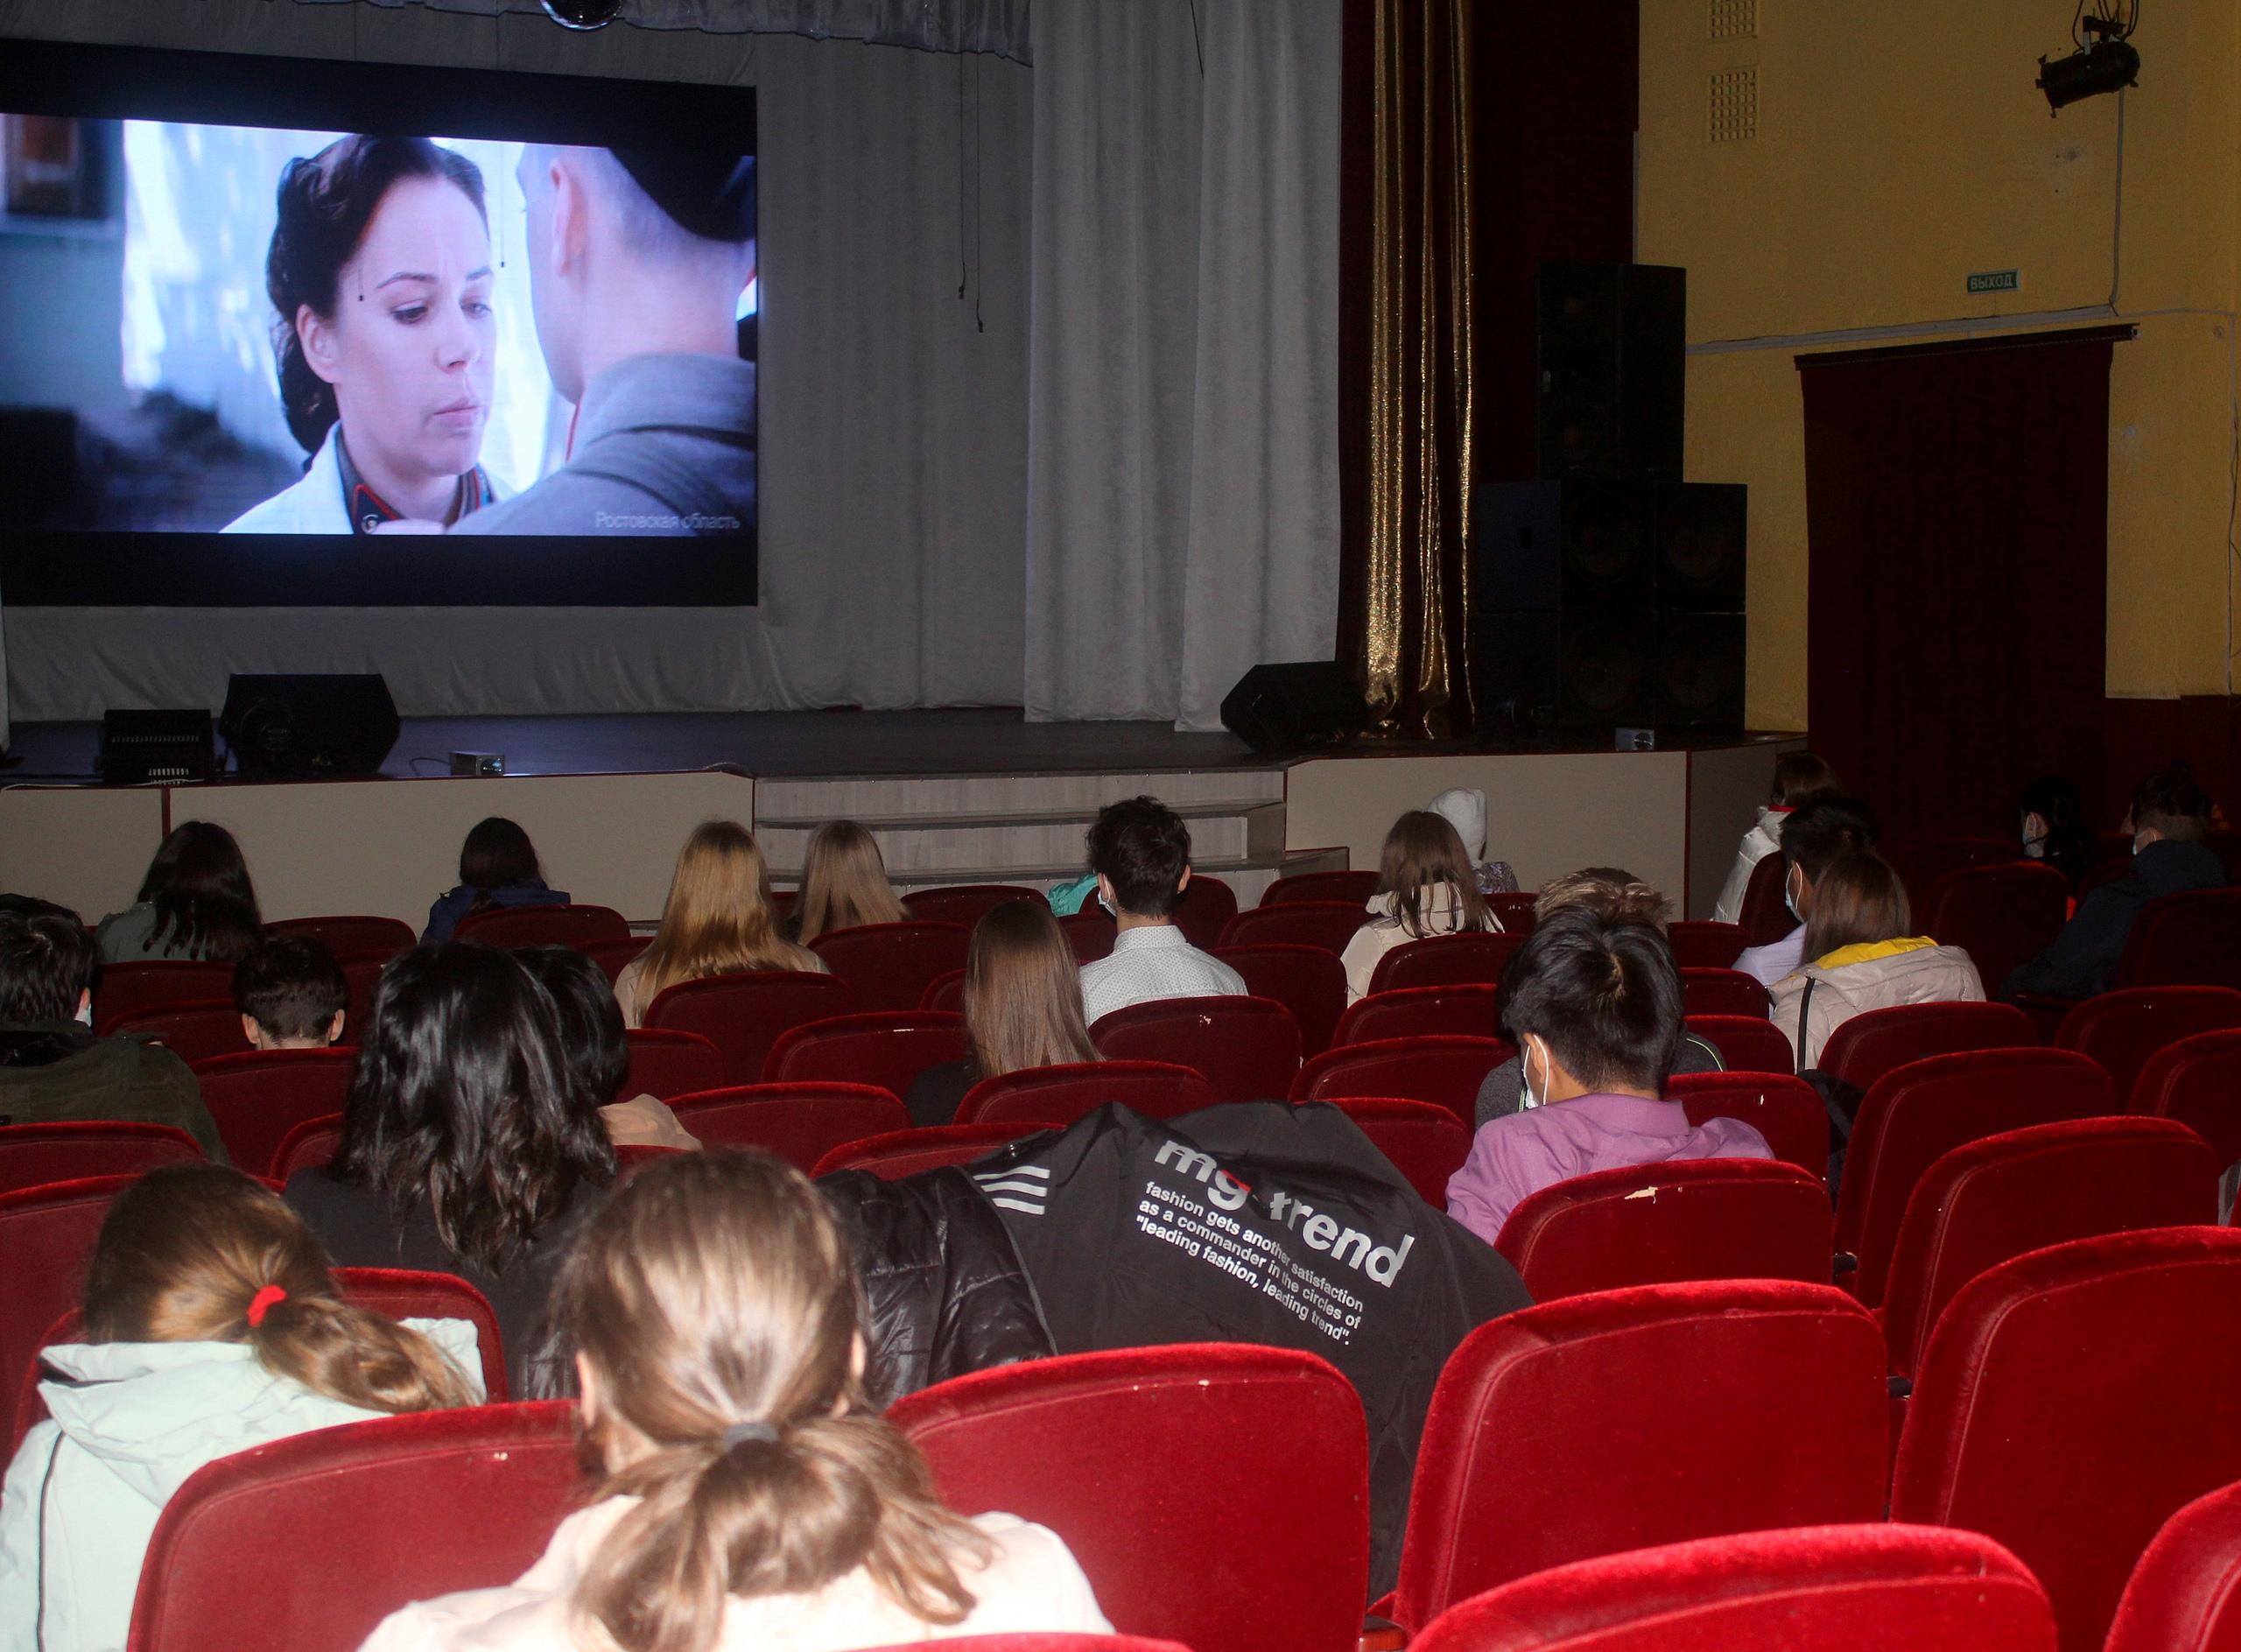 В учреждениях культуры Волгодонского района были проведены кинопоказы художественного фильма «Подольские курсанты»